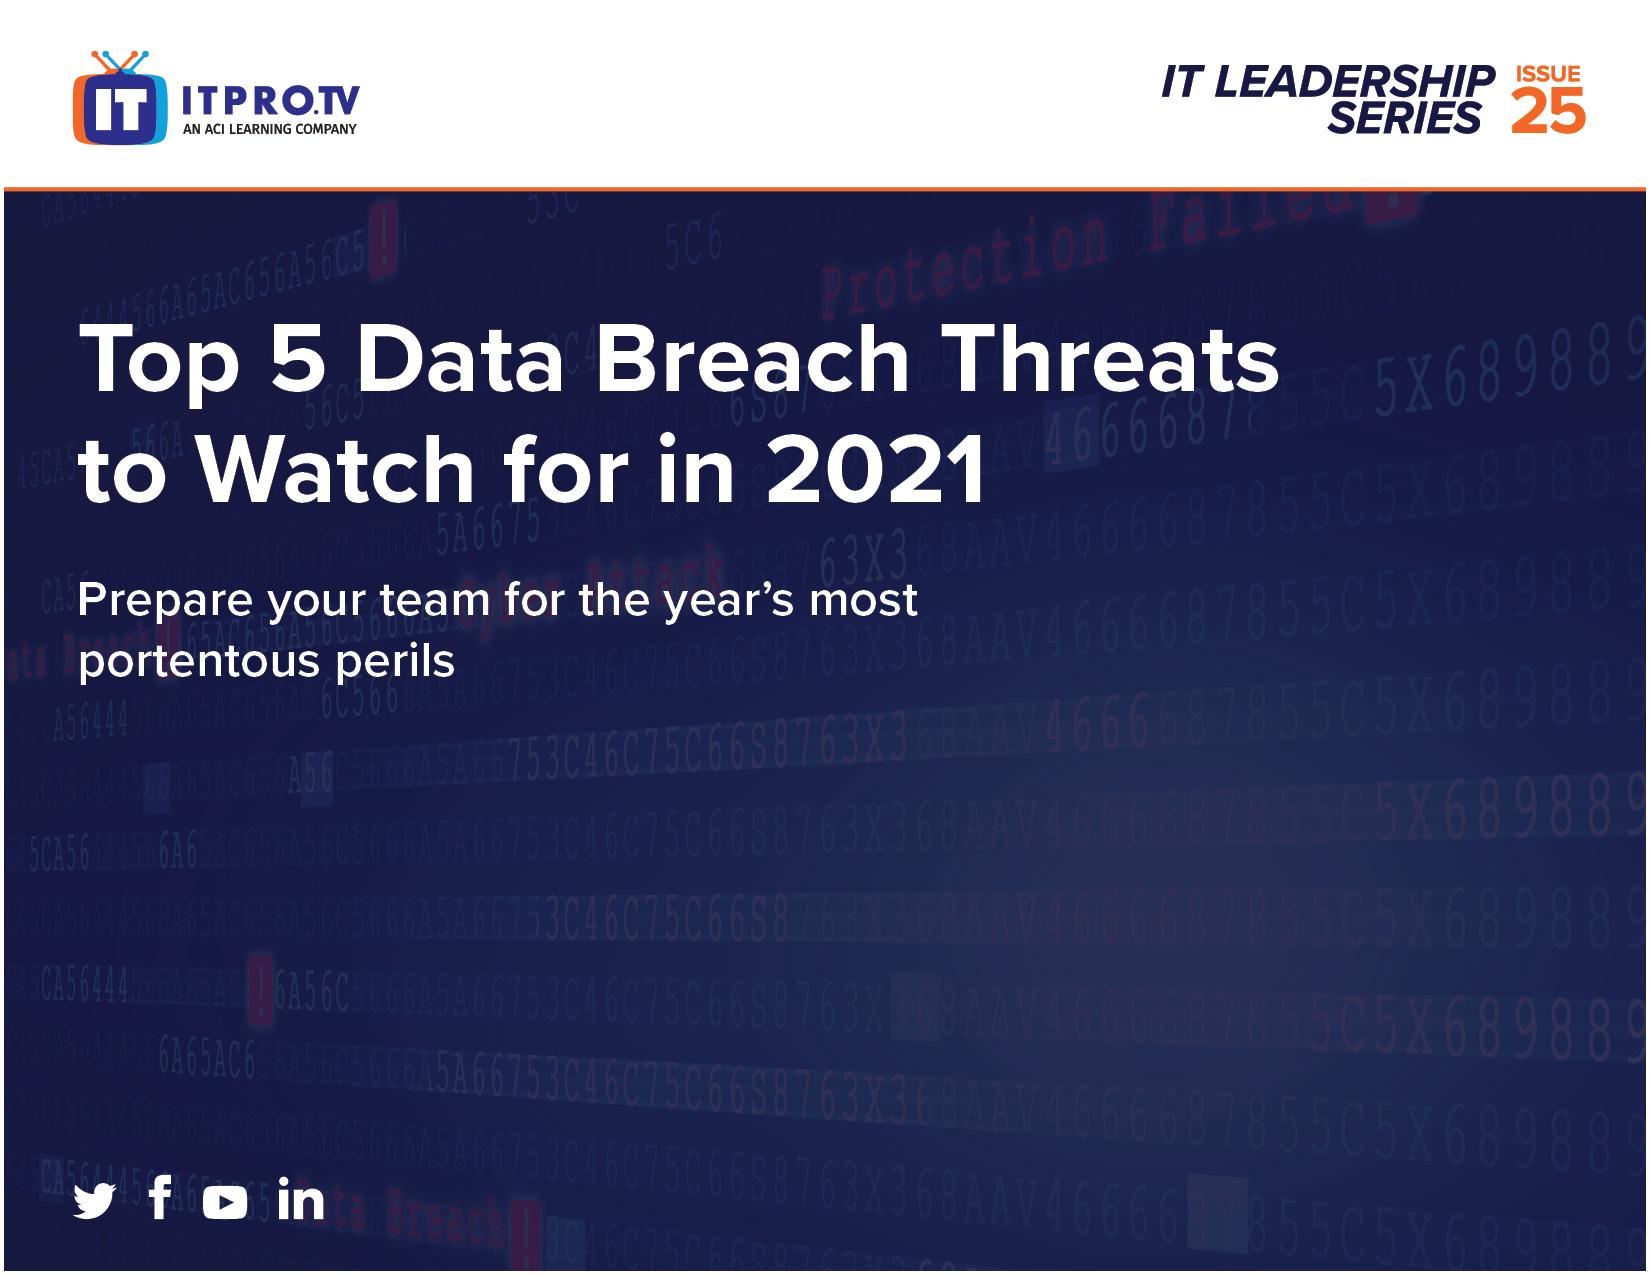 Top 5 Data Breach Threats for 2021